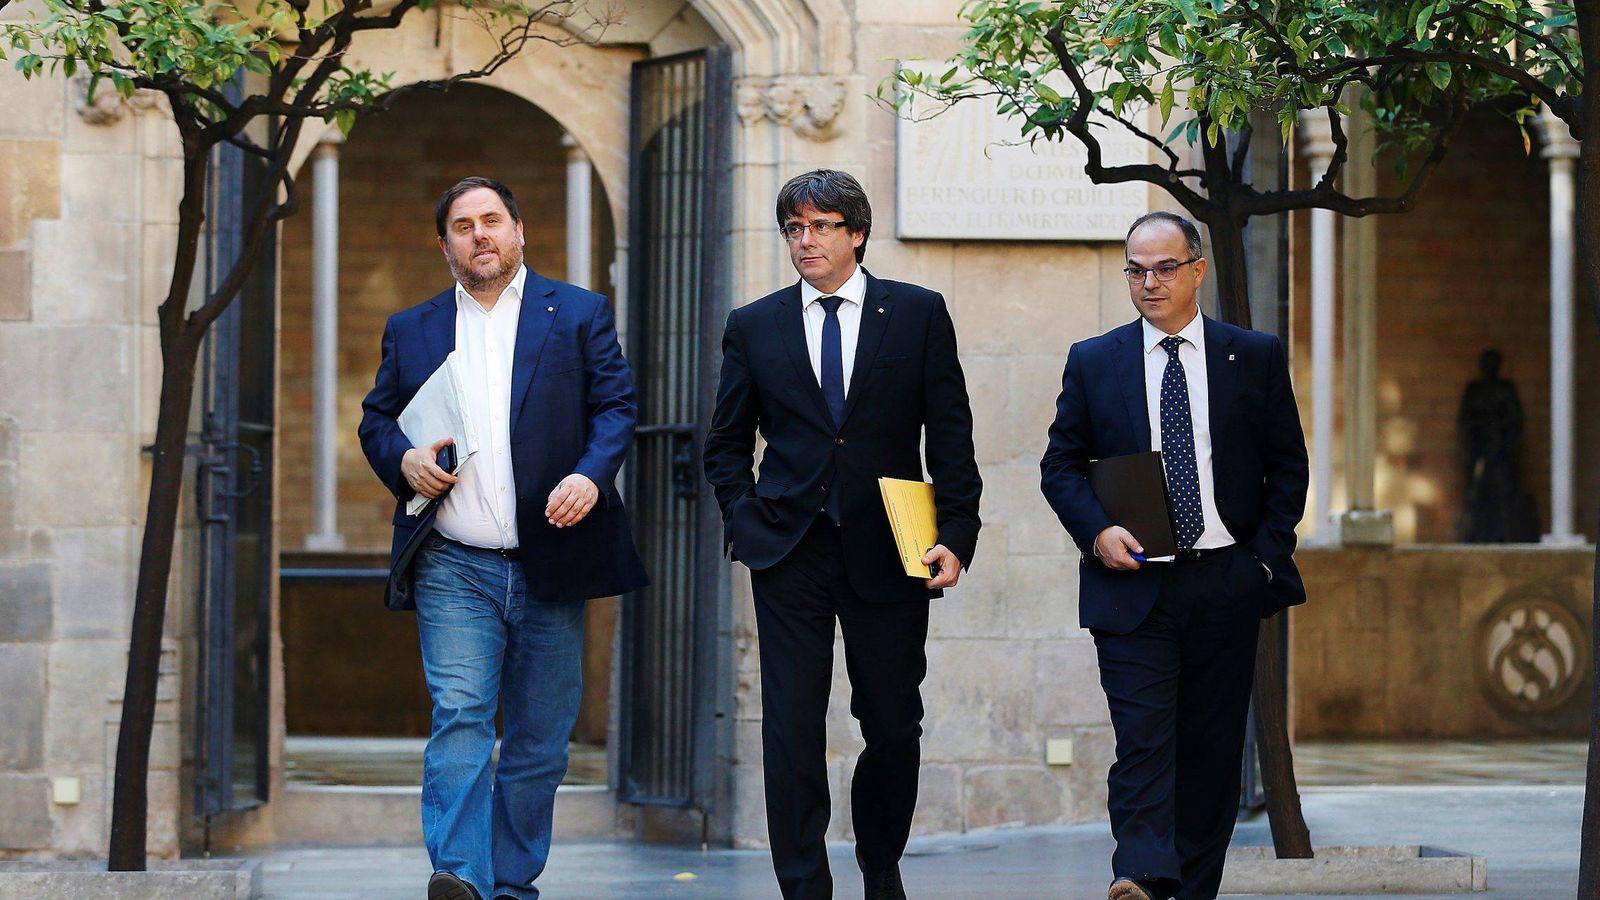 Foto: El presidente de la Generalitat, Carles Puigdemont (c), su vicepresidente, Oriol Junqueras (i) y jordi Turull (d). (EFE)